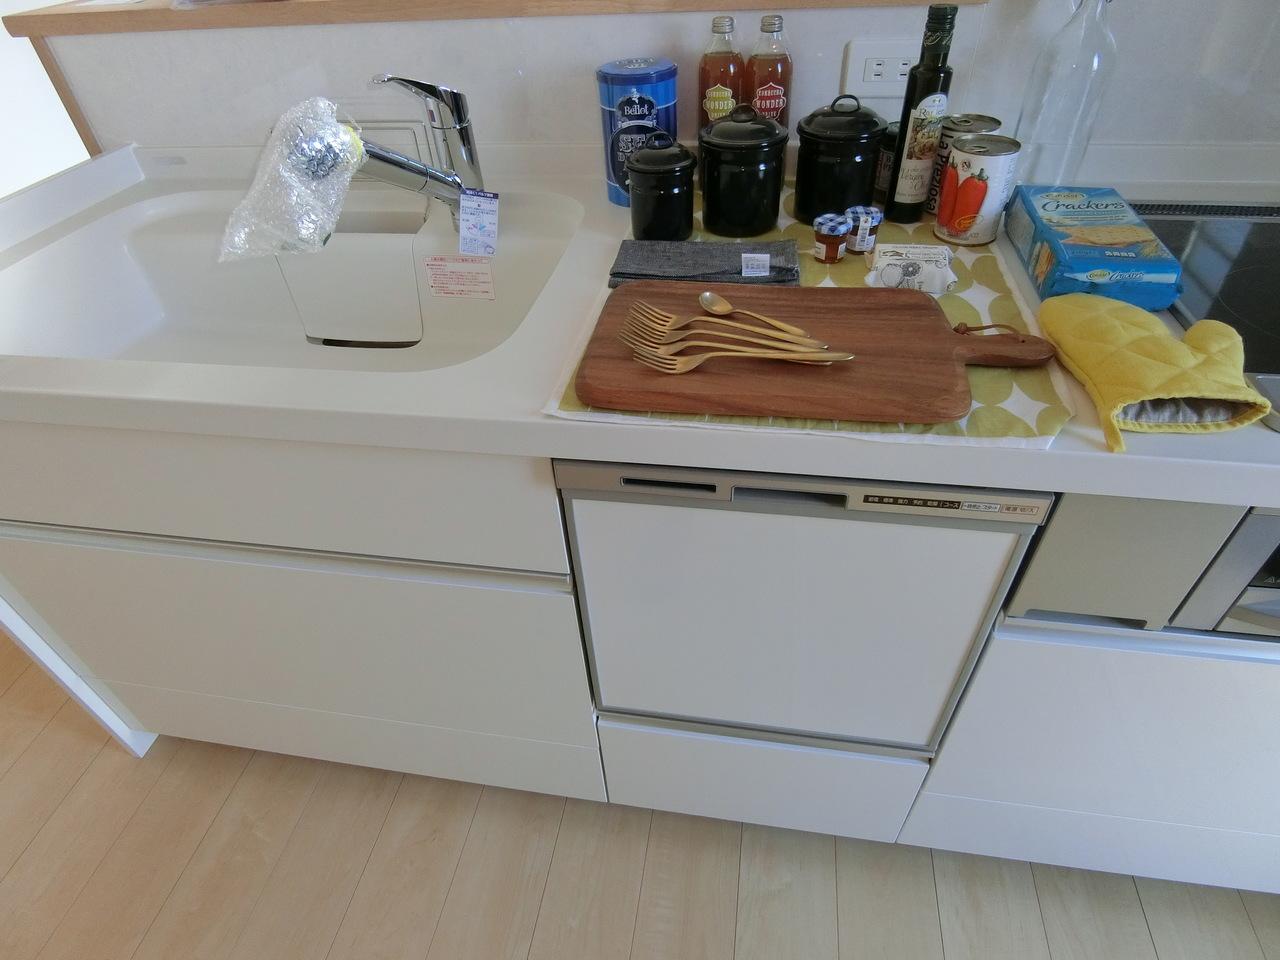 キッチンの浄水器内臓のハンドシャワー水洗からは、いつでも安全で美味しい水がご利用できます。